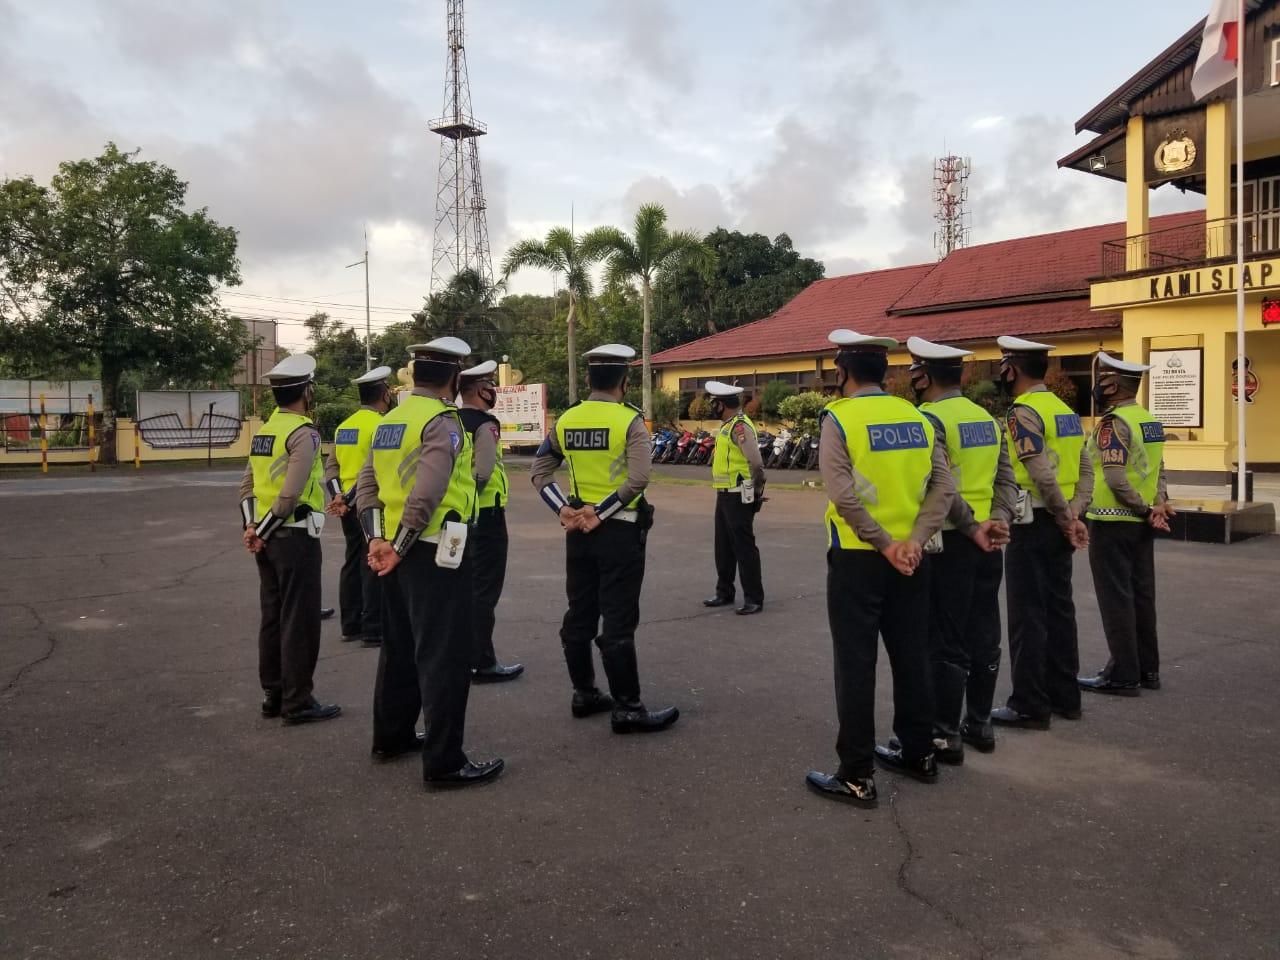 Personel SATLANTAS Melaksankan Apel Pagi Untuk Mengawali Pelaksanaan Tugas